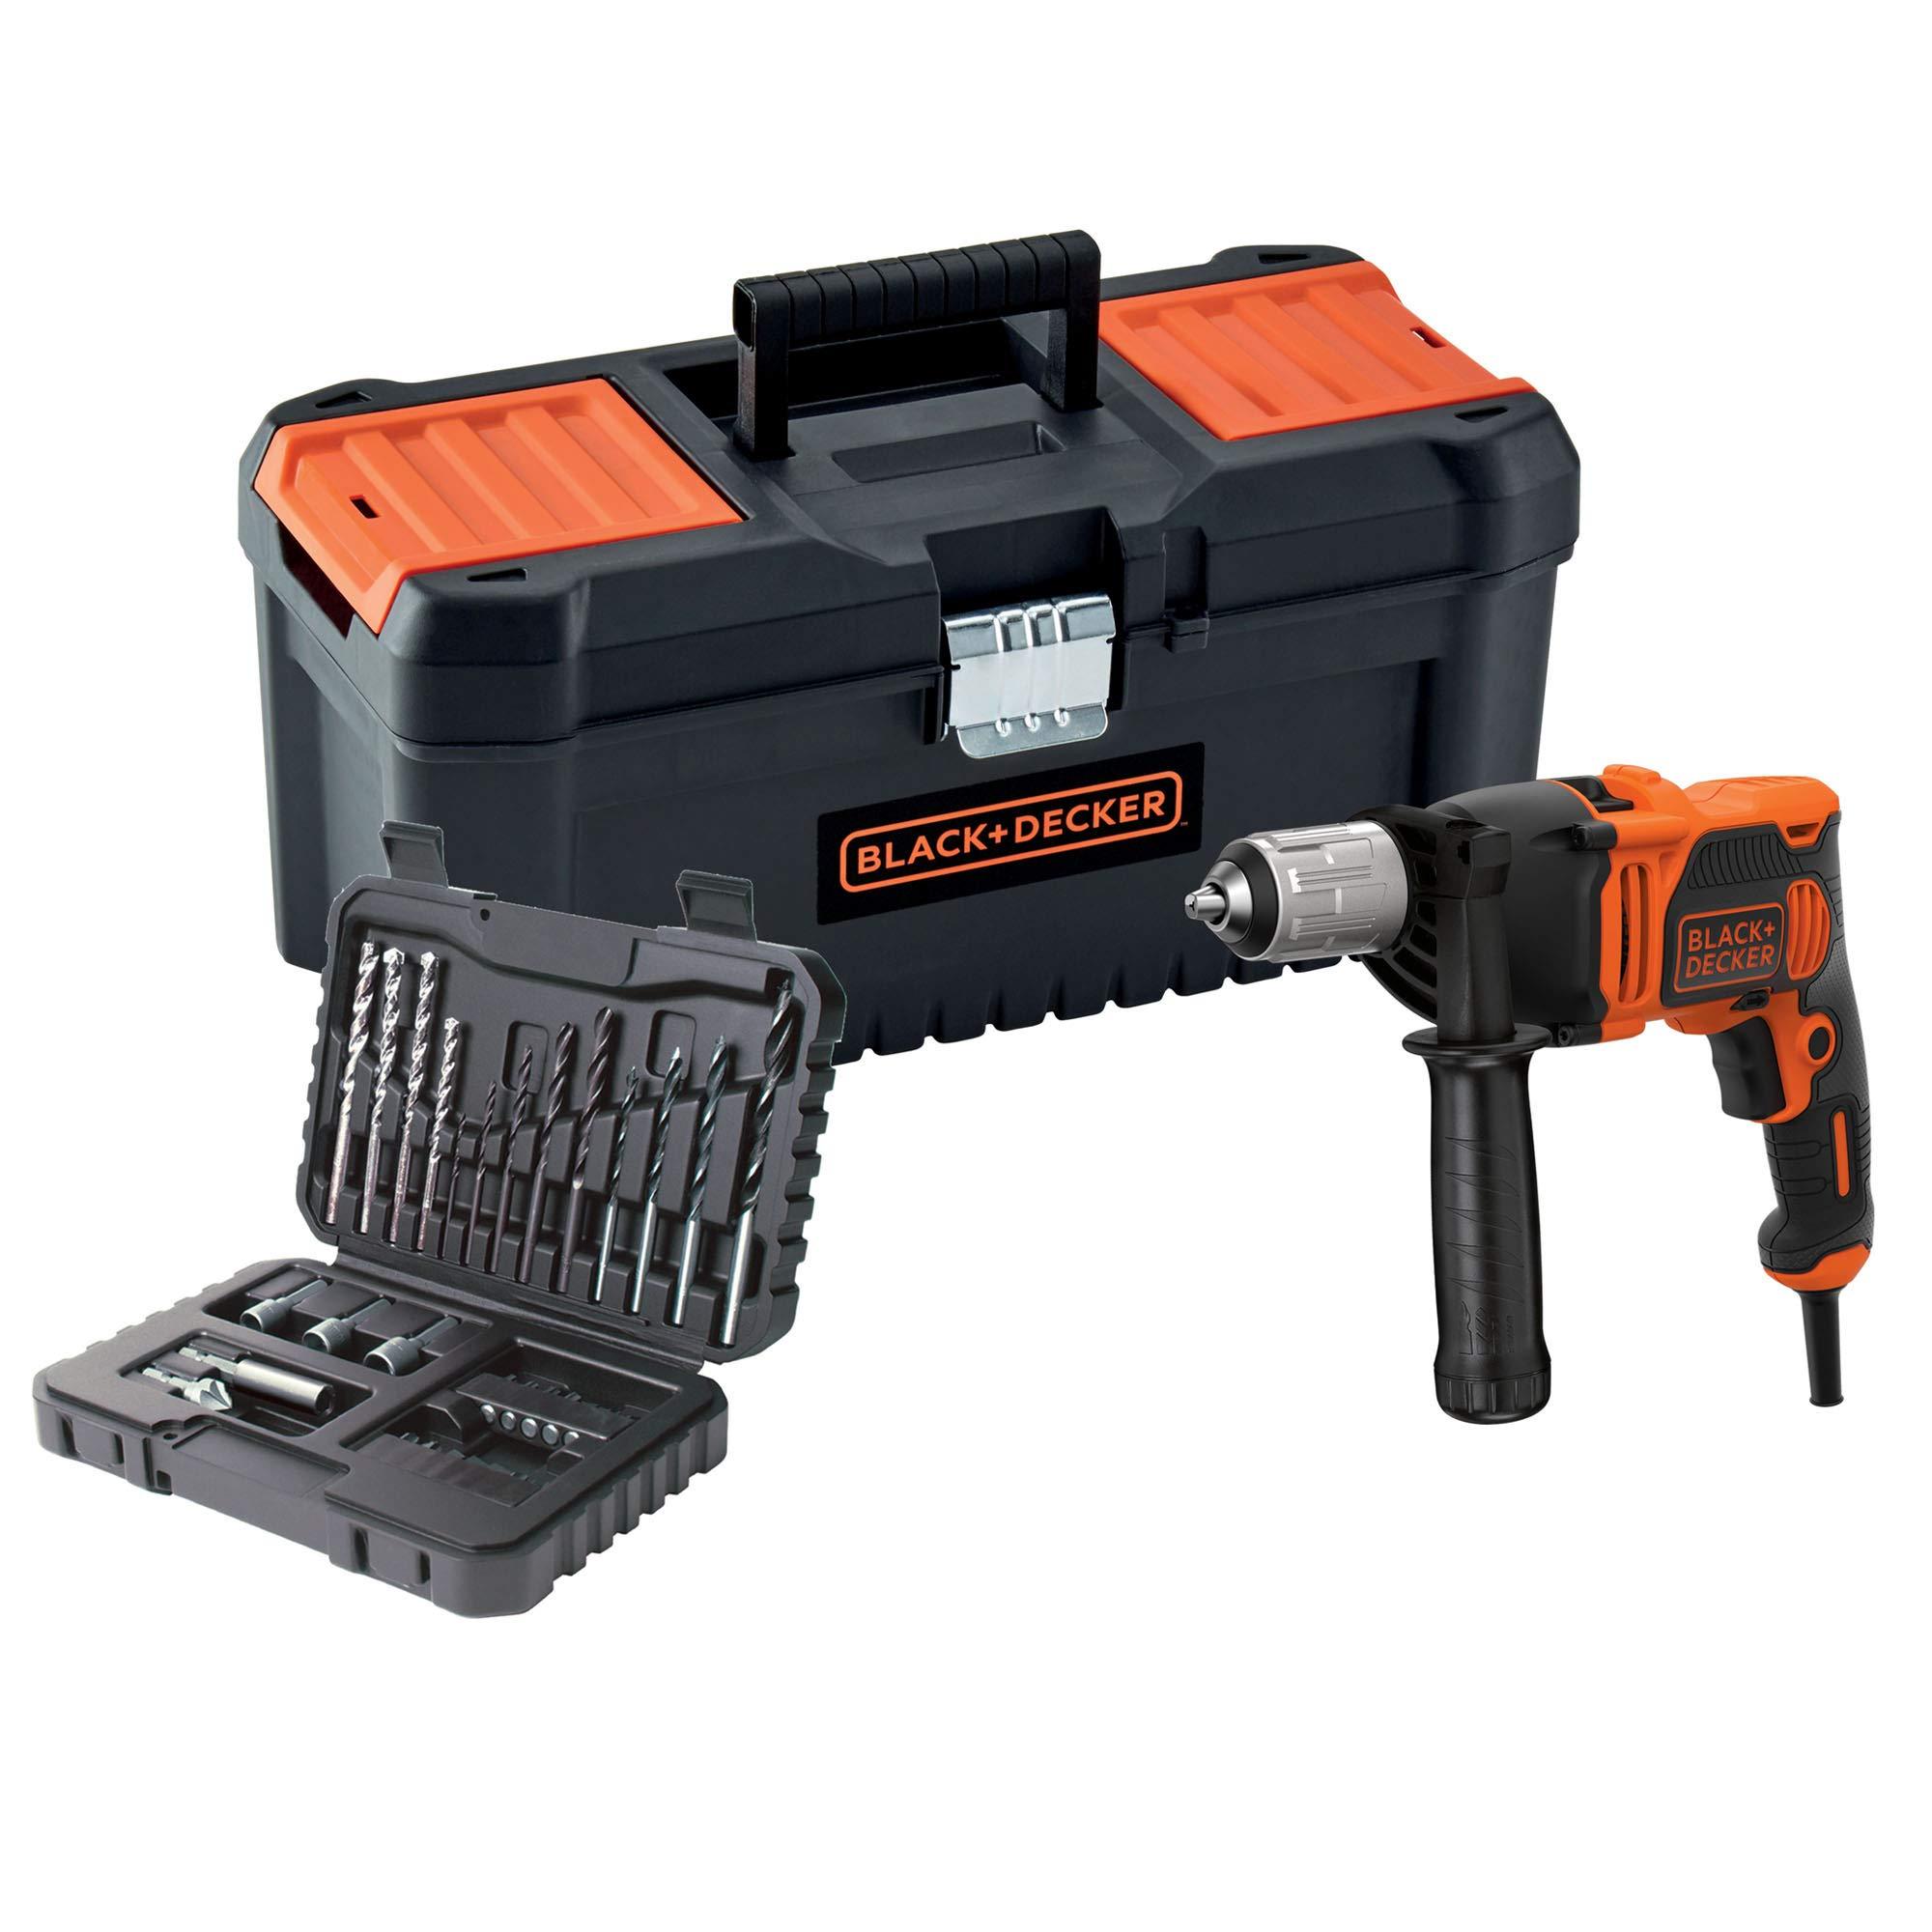 BLACK+DECKER BEH850KA32-QS Taladro percutor con cable 850W con set de 32 accesorios y caja de herramientas 16